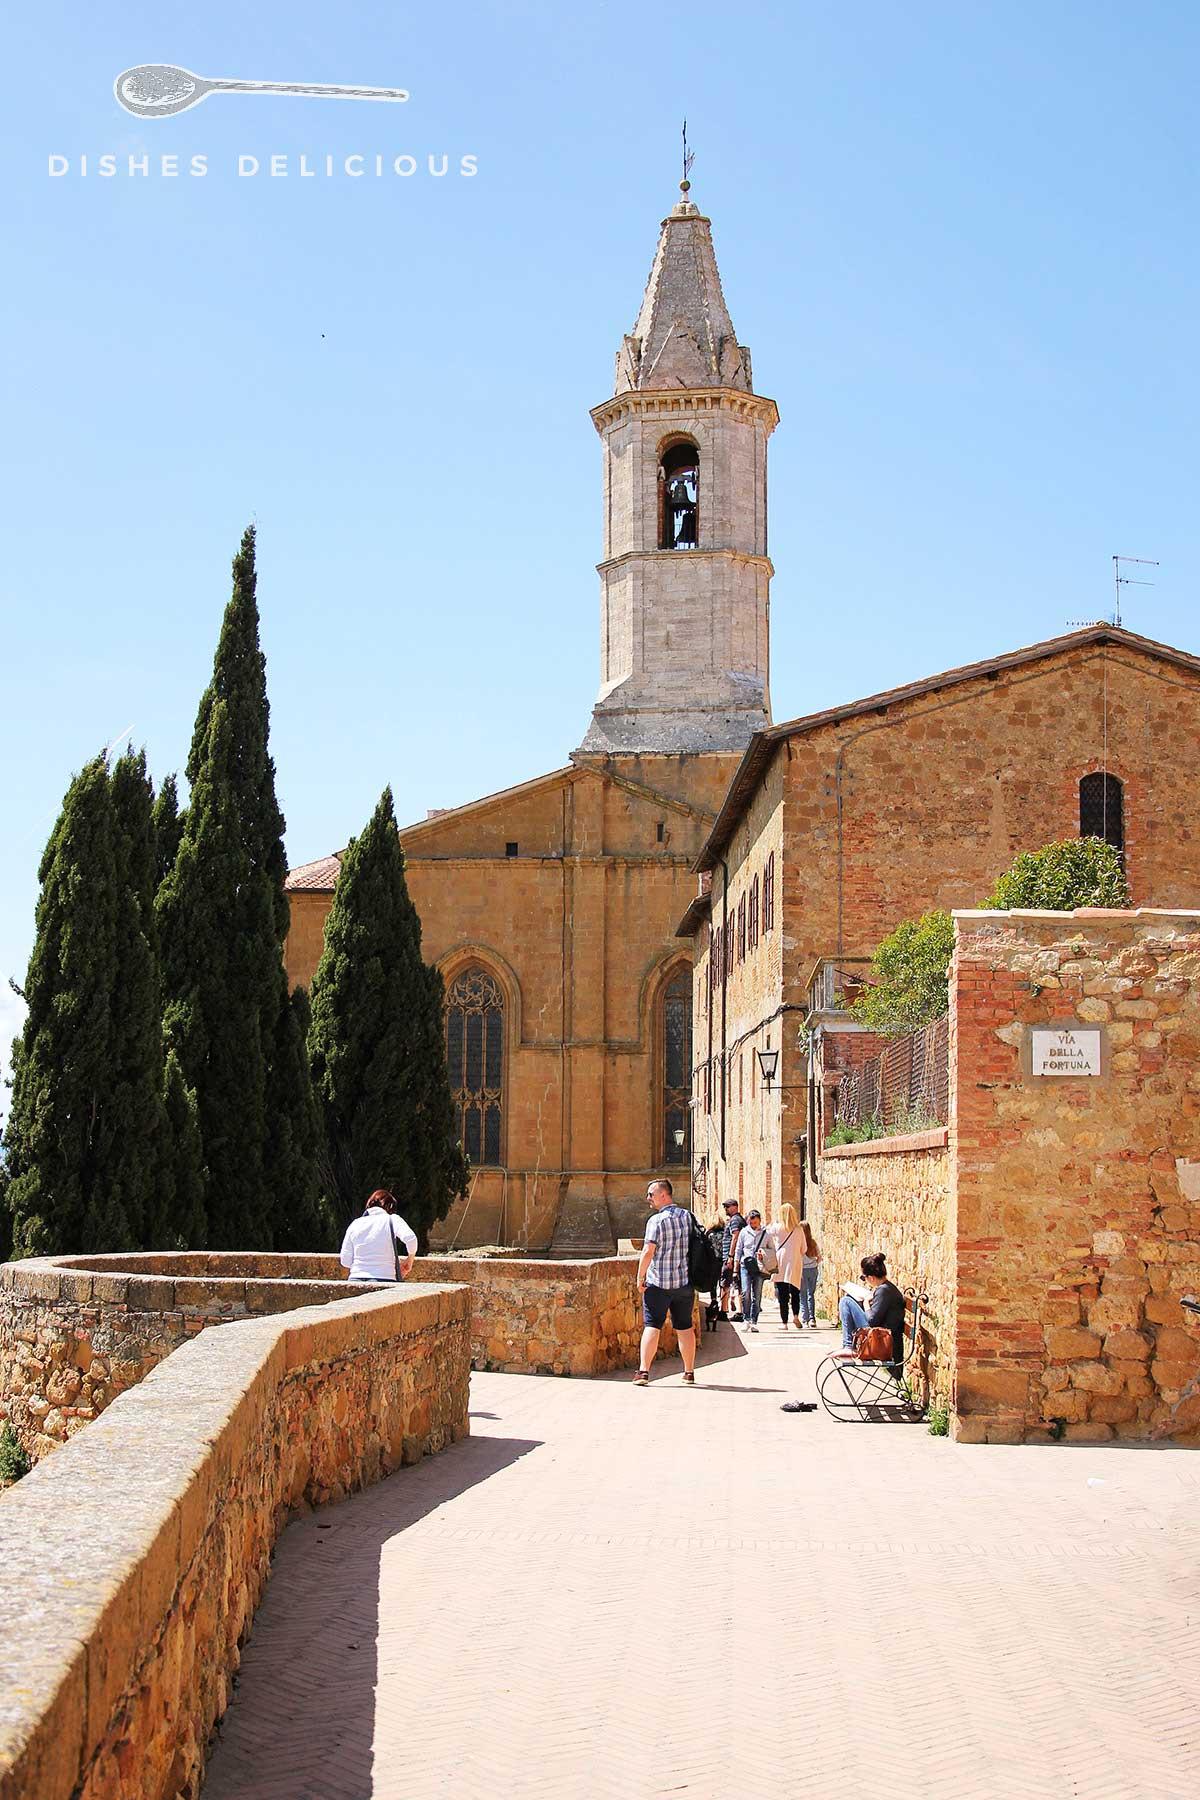 Foto von der Rückseite des Doms von Pienza, vor dem einige Menschen in der Sonne spazieren gehen.